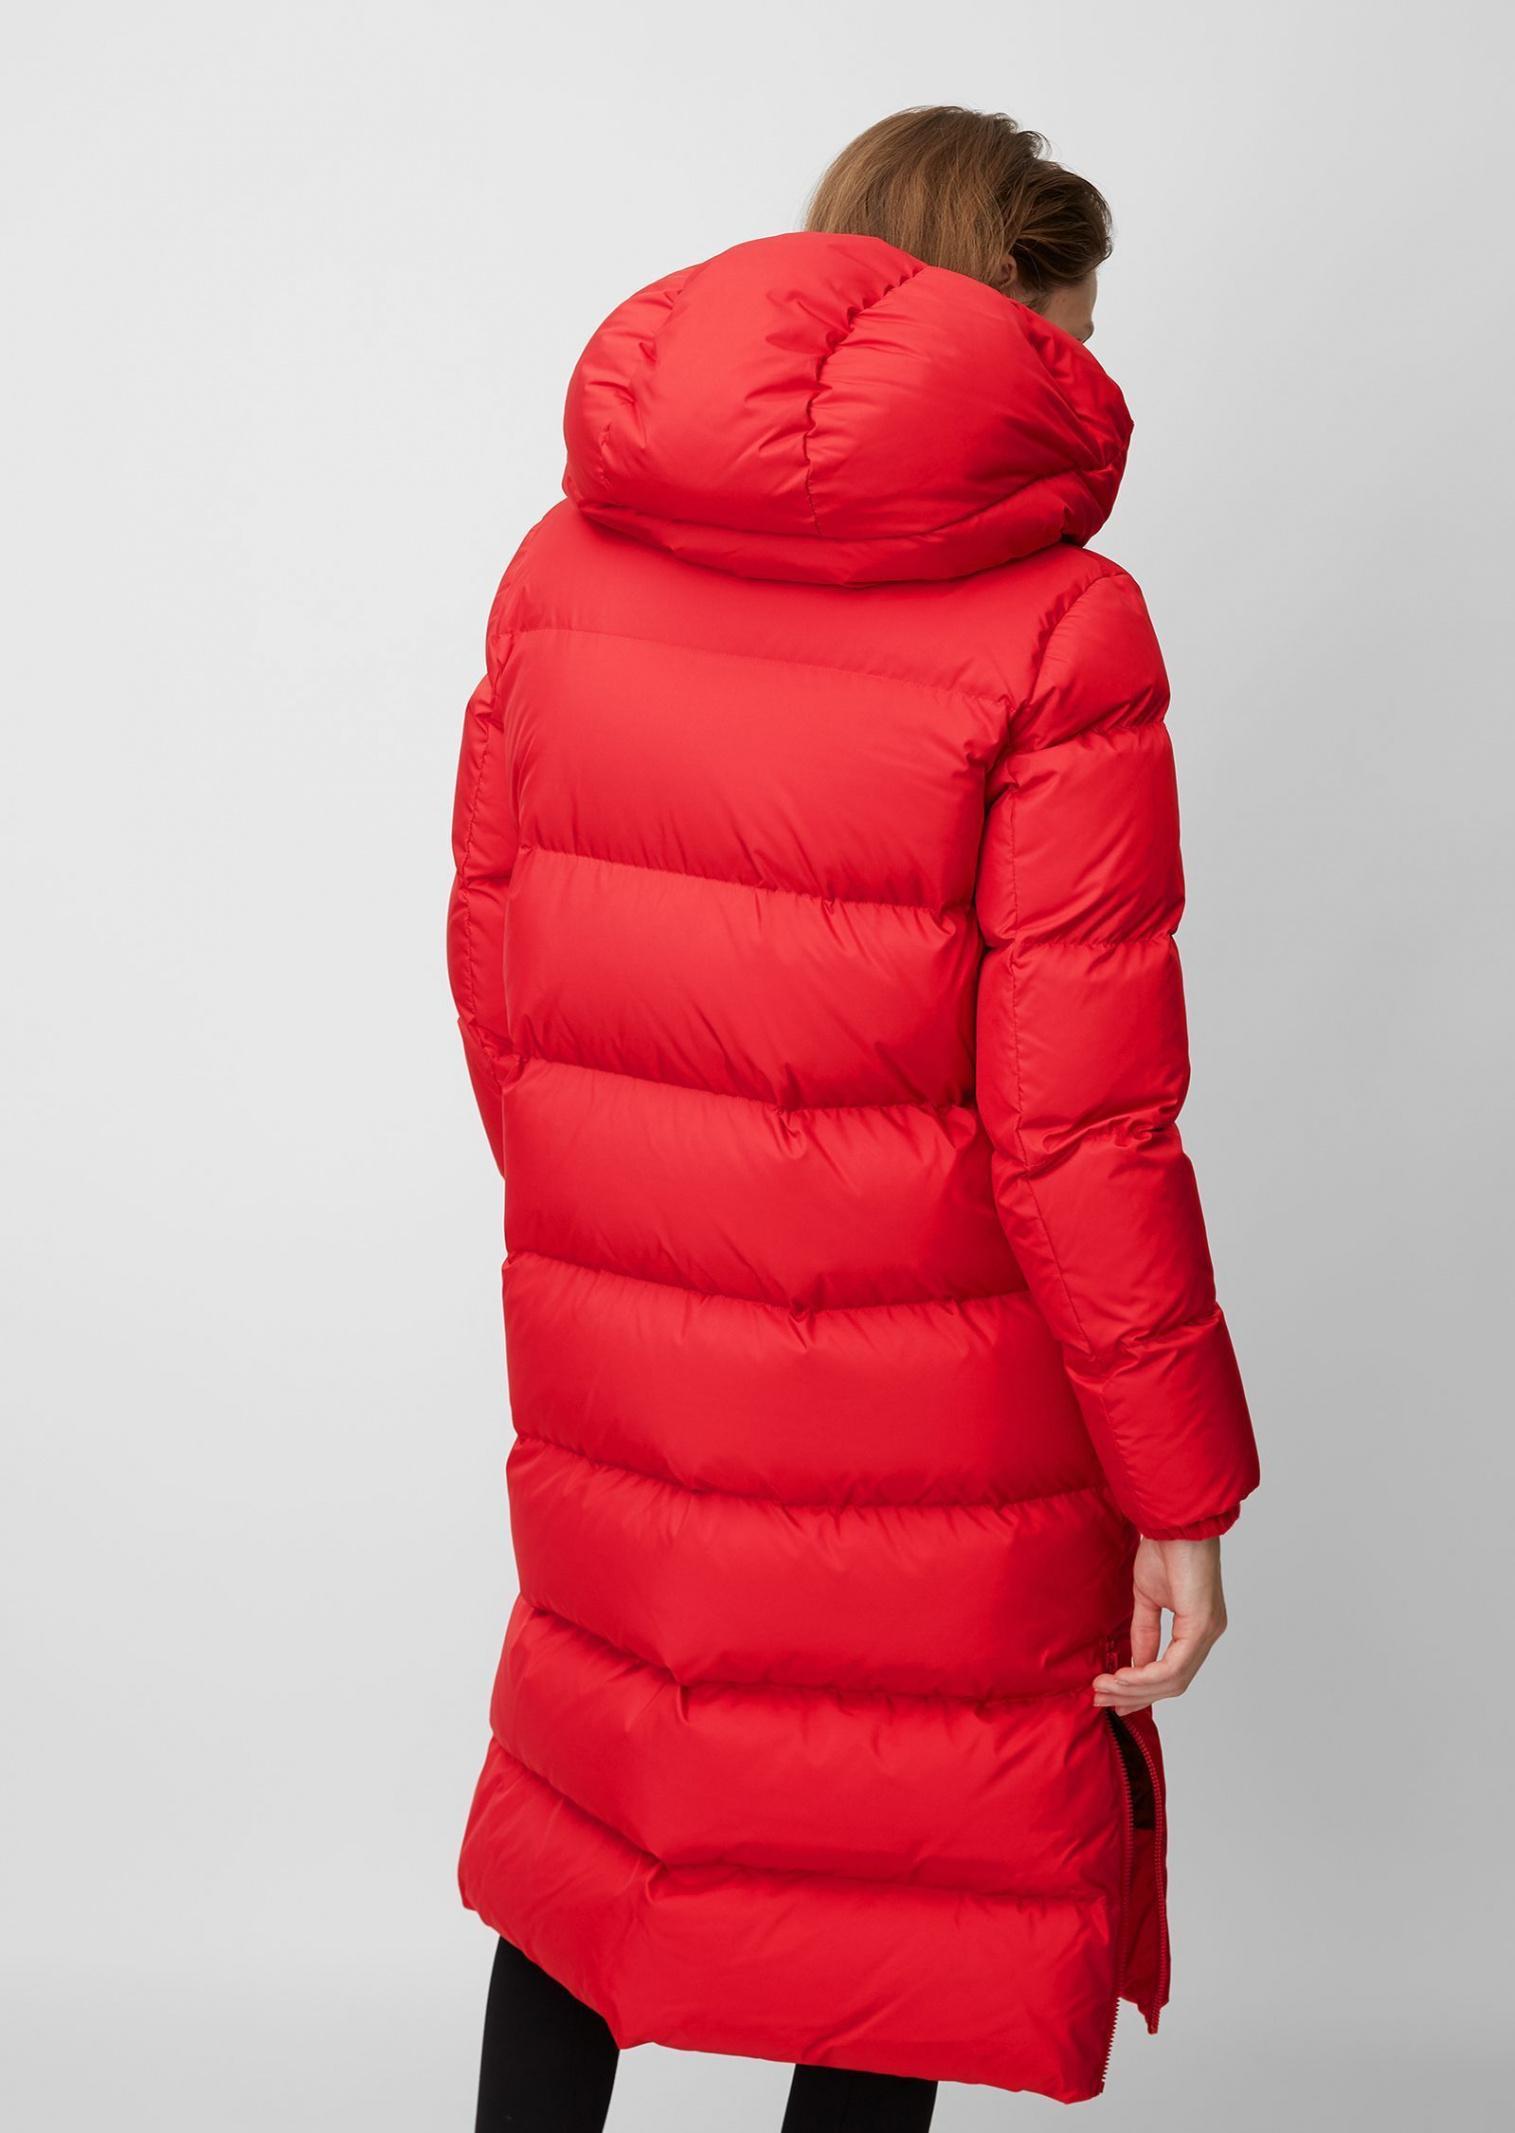 Пальто женские MARC O'POLO модель PD678 качество, 2017